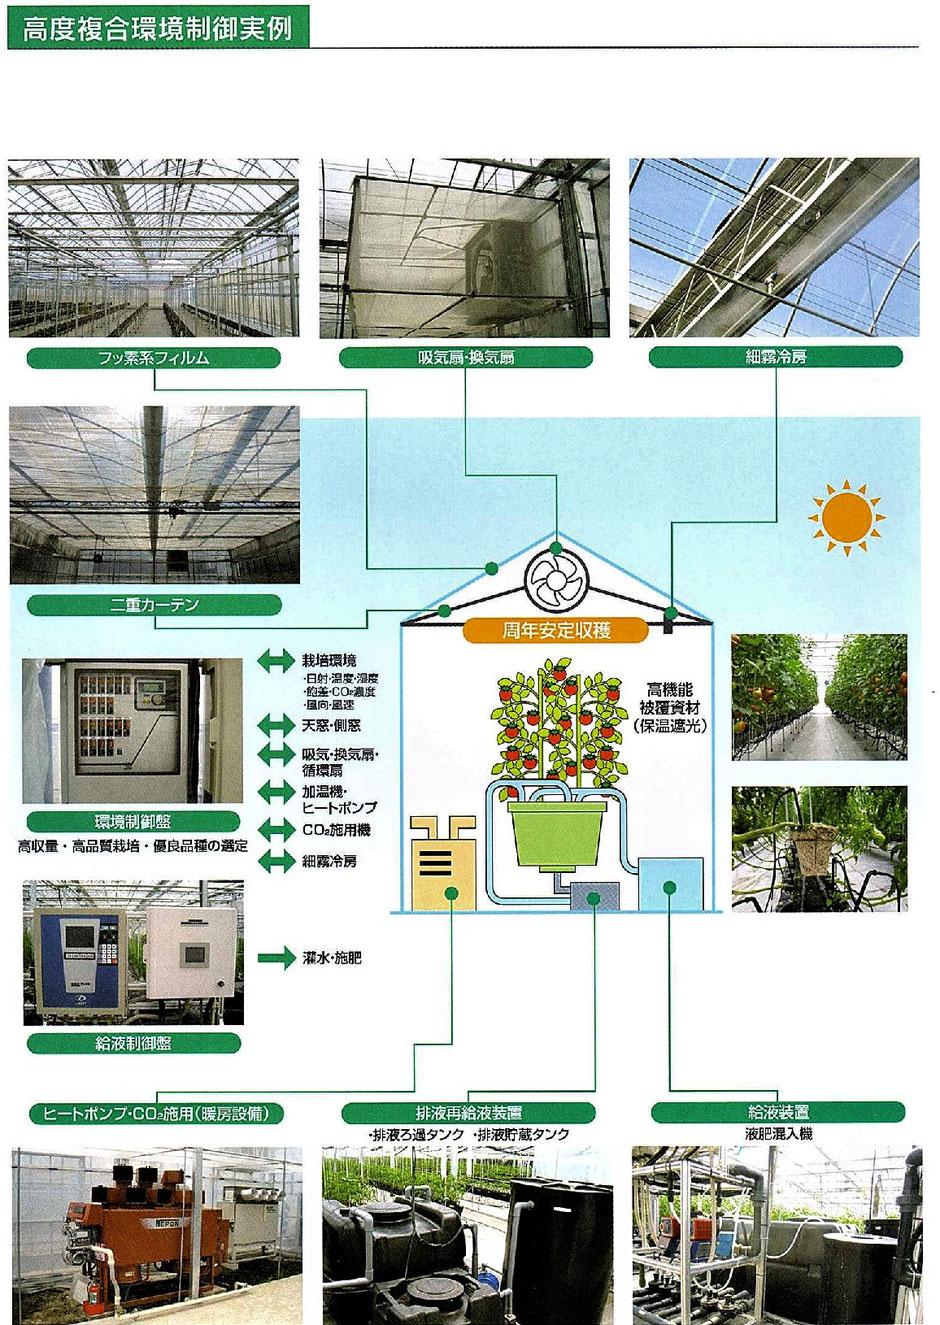 色々なタイプの温室・ビニールハウスをご紹介するページです。千葉県限定ですが、野菜・花・果実ほか試験場や展示場・採光ハウスなどに各種用途に対応してご相談のうえお見積り致します。